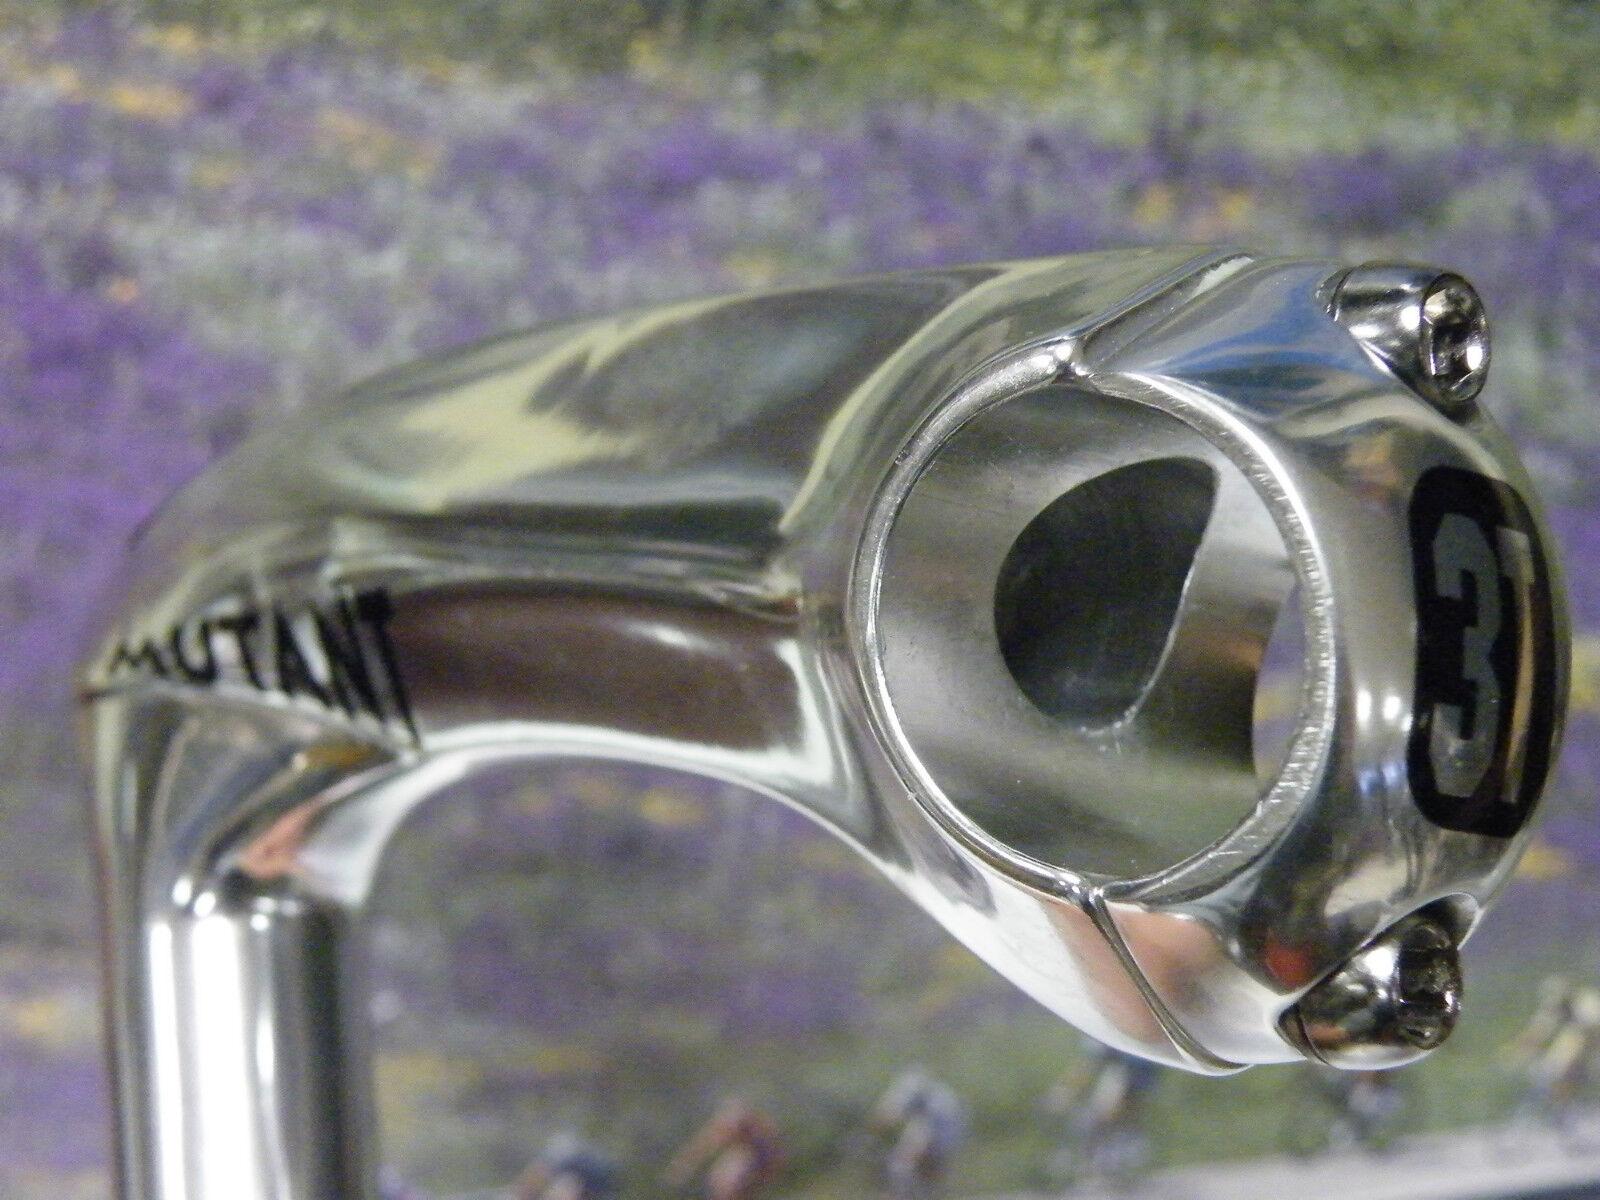 3T -3TTT model MUTANT stem 120 mm , 22.2 insert size